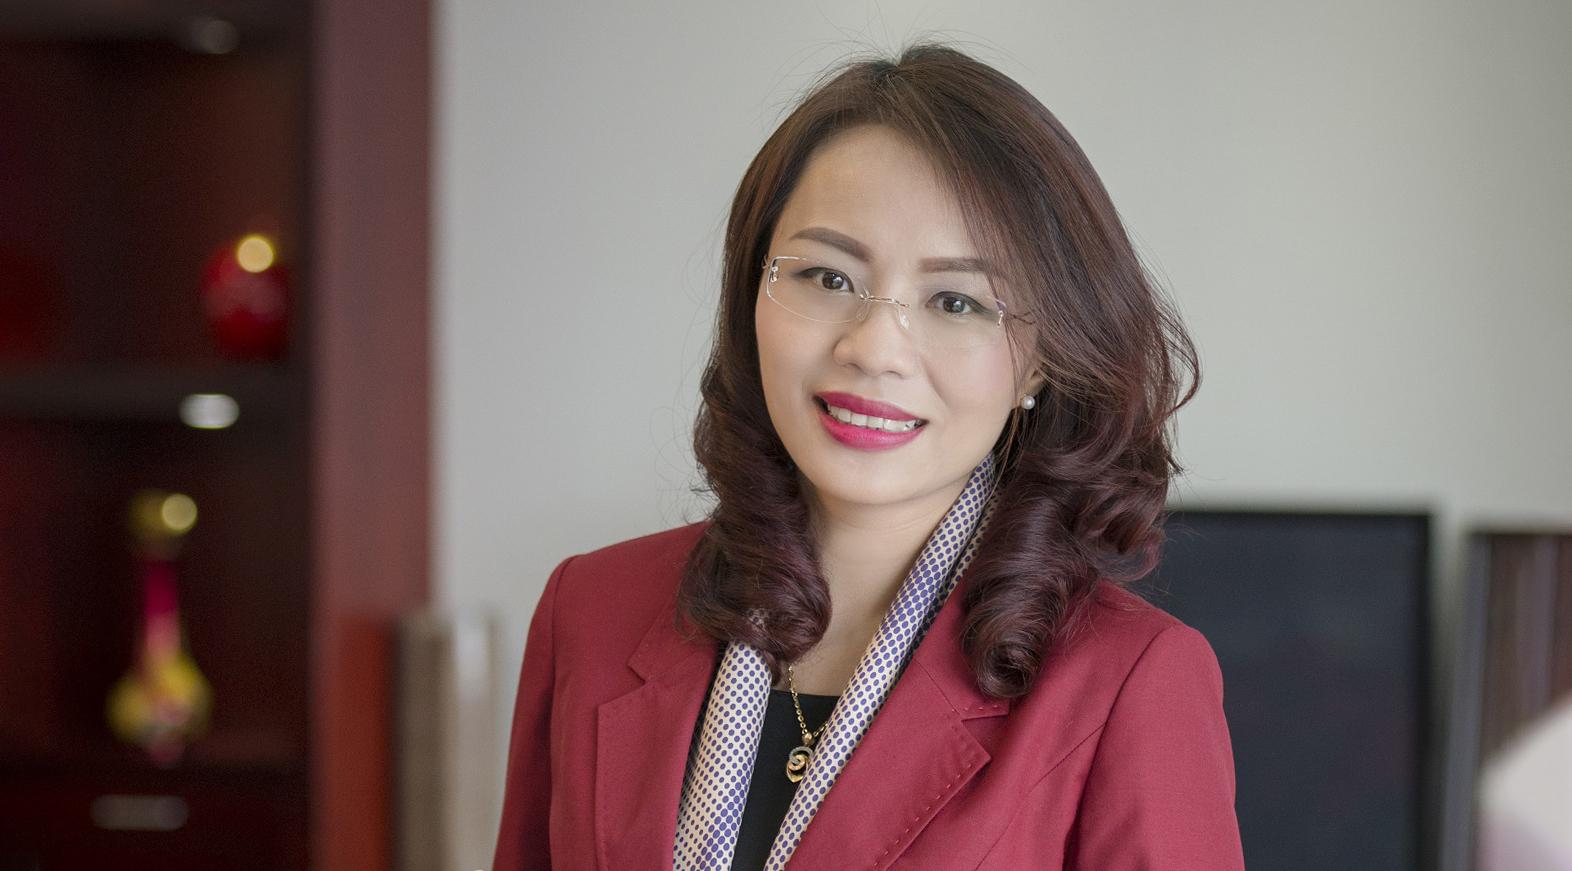 Thủ tướng Nguyễn Xuân Phúc,Nguyễn Xuân Phúc,kinh tế tư nhân